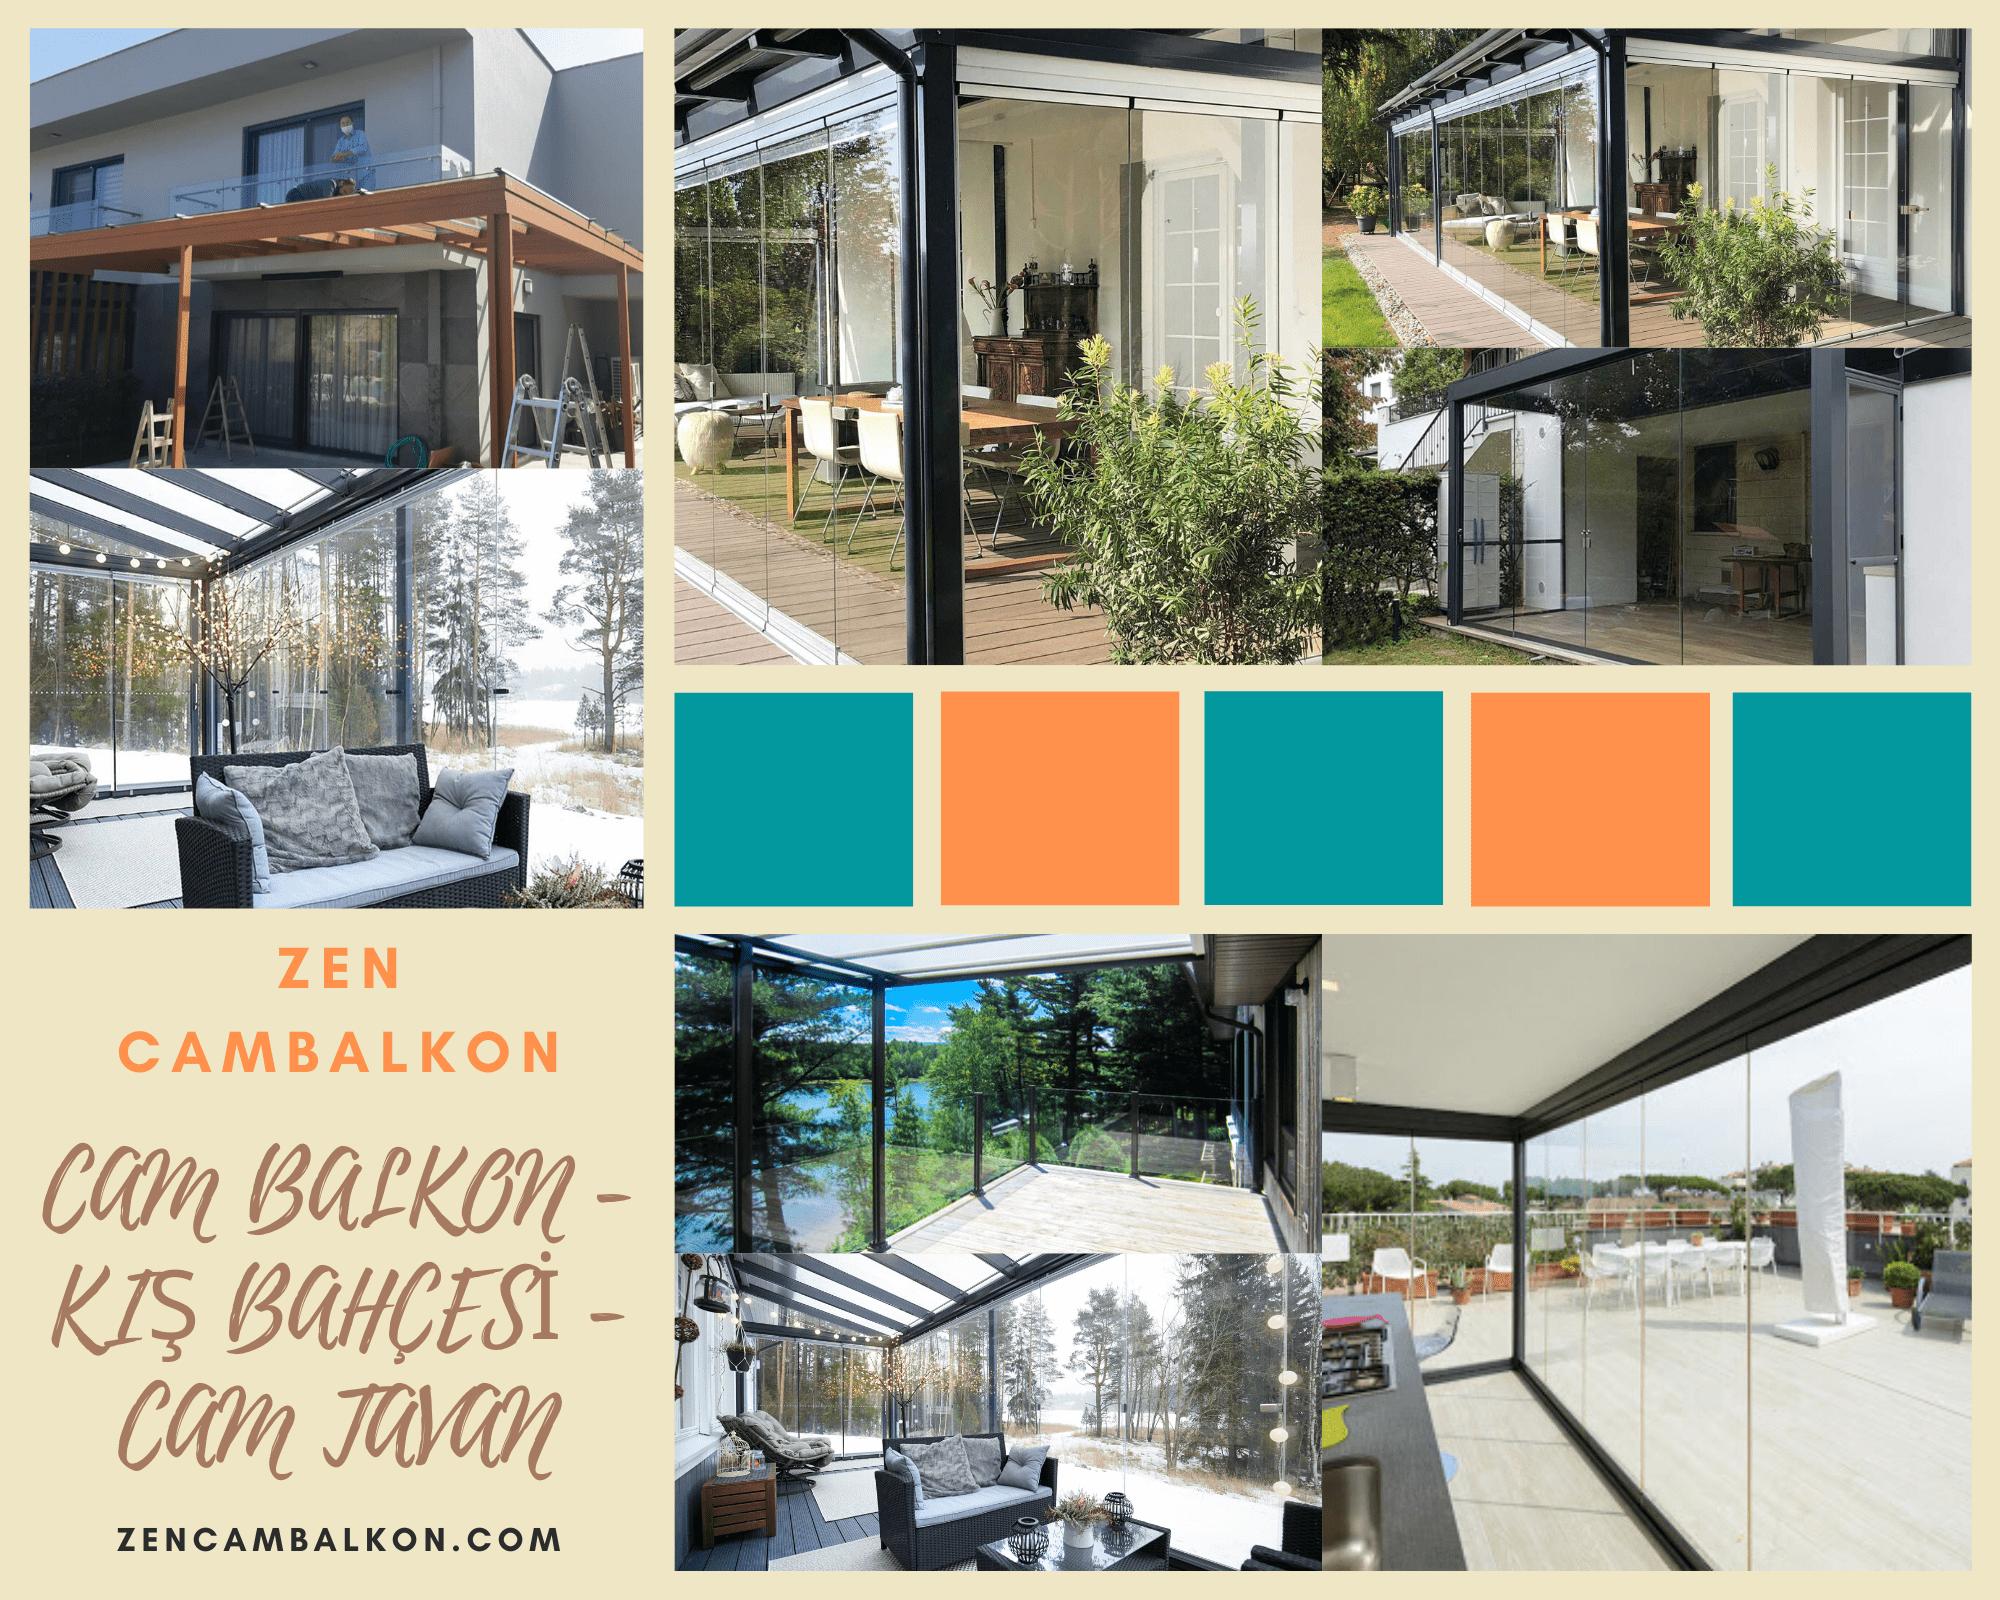 Cam balkon kış bahçesi seçenekleri